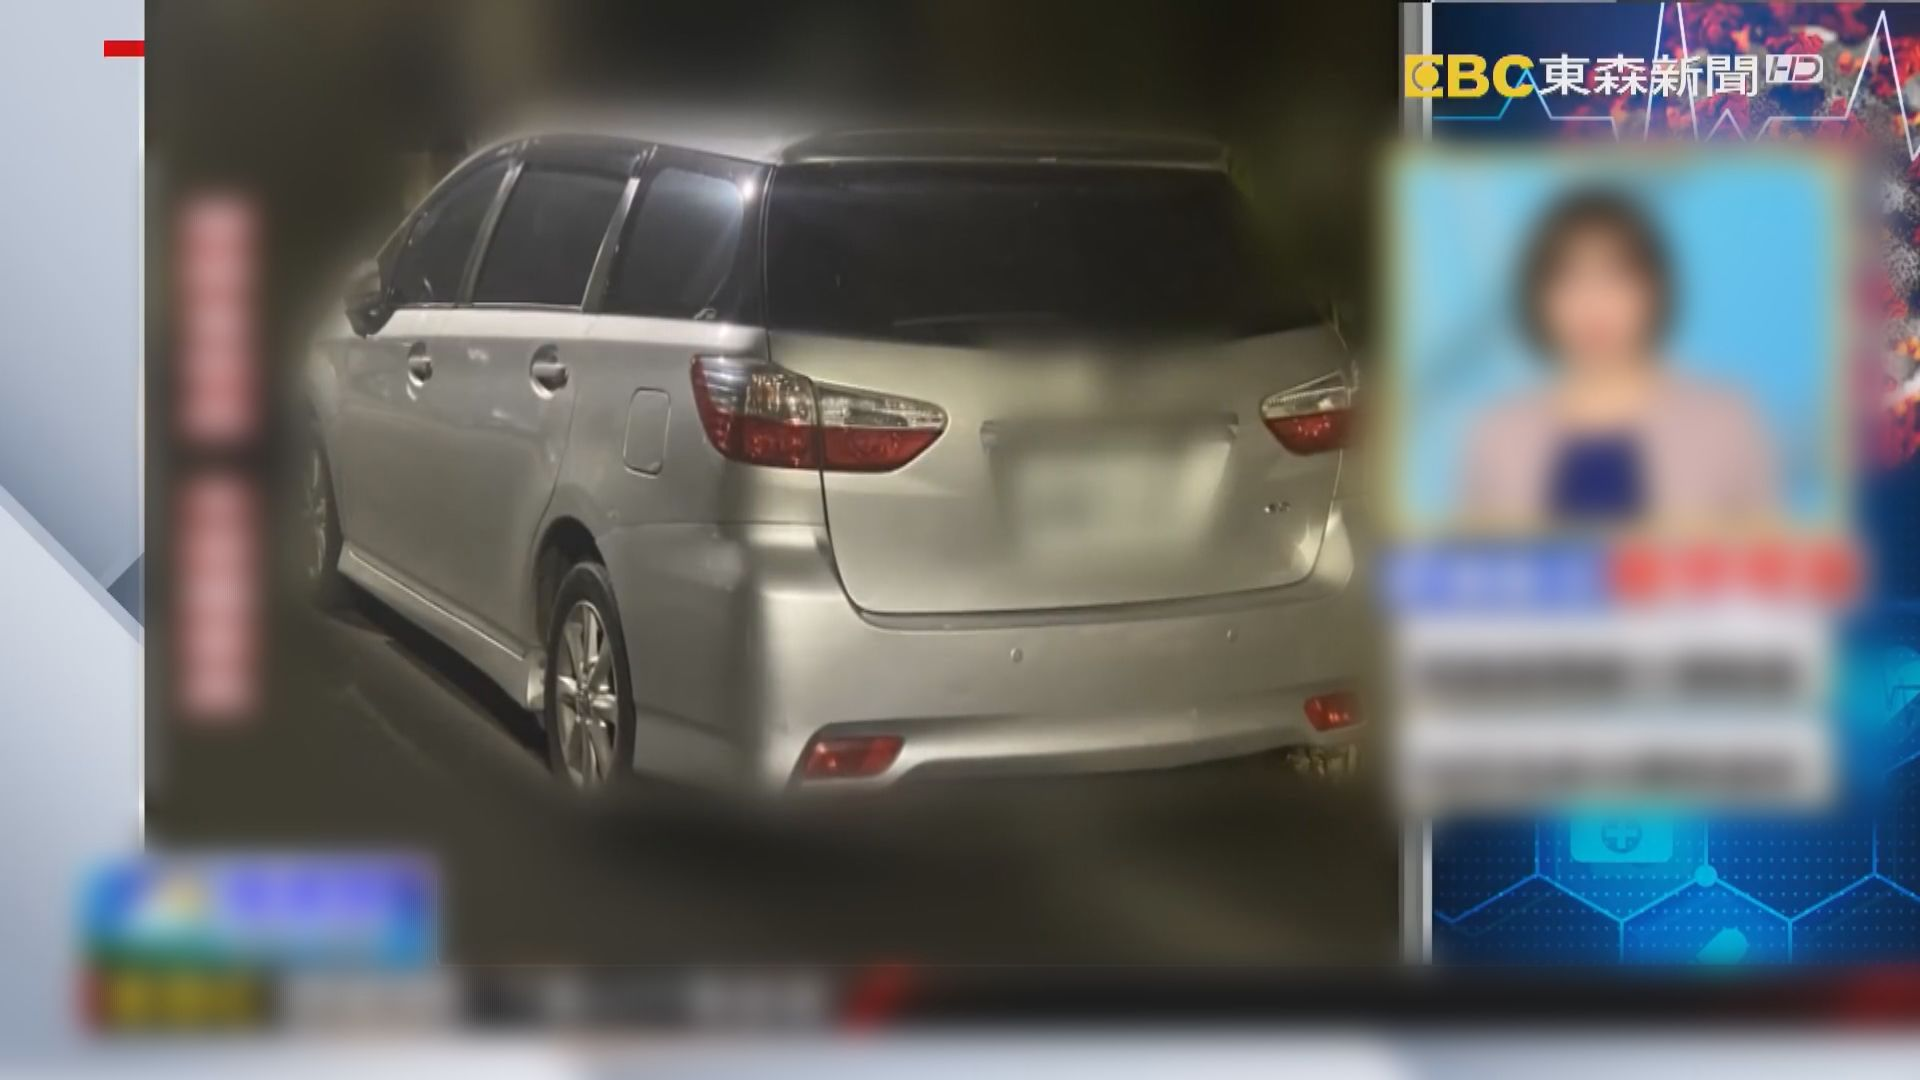 台灣新確診患者為日前不治白牌車司機的妹妹